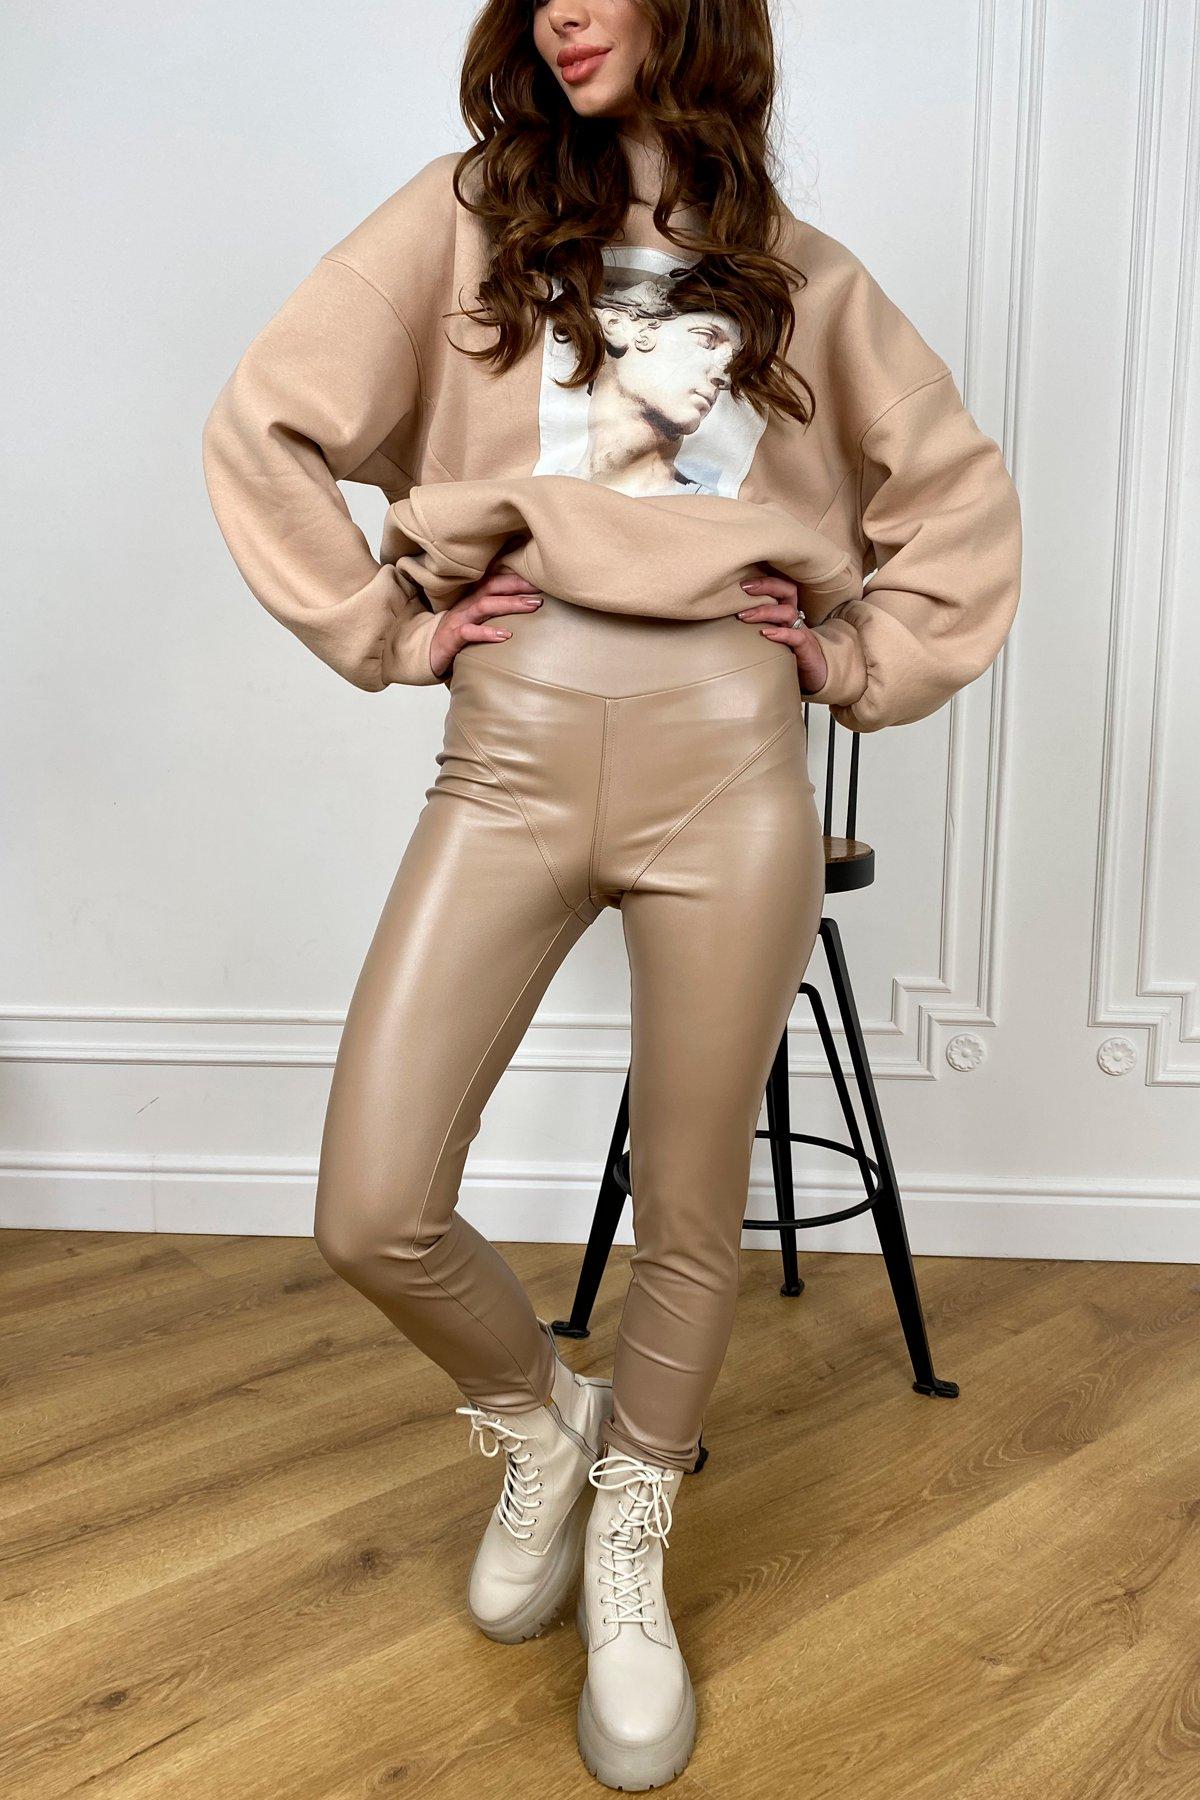 женские штаны  Миччи   леггинсы из экокожи  10476